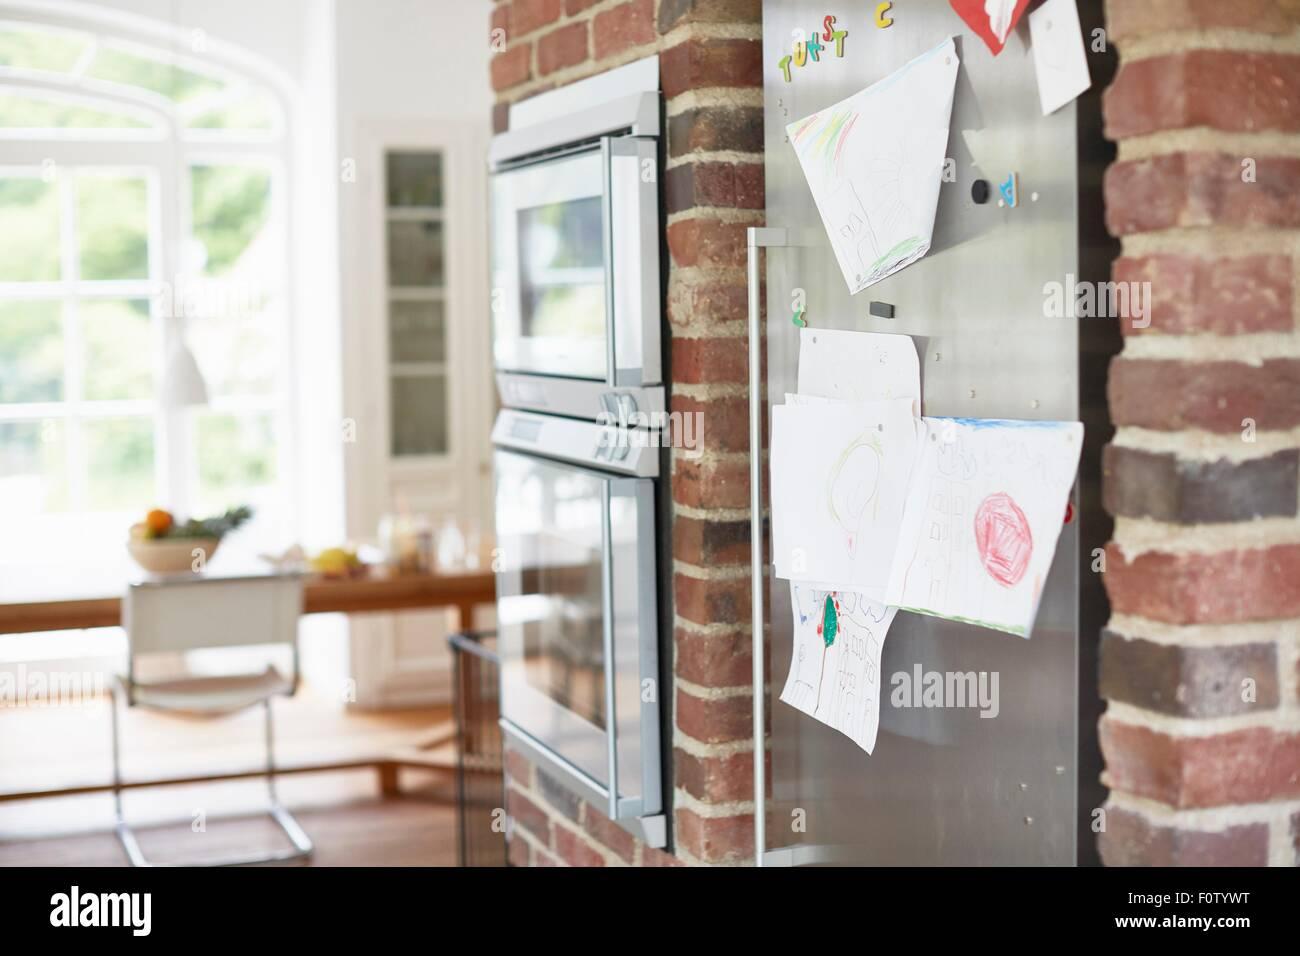 Des dessins d'enfants coincés sur porte de réfrigérateur Photo Stock